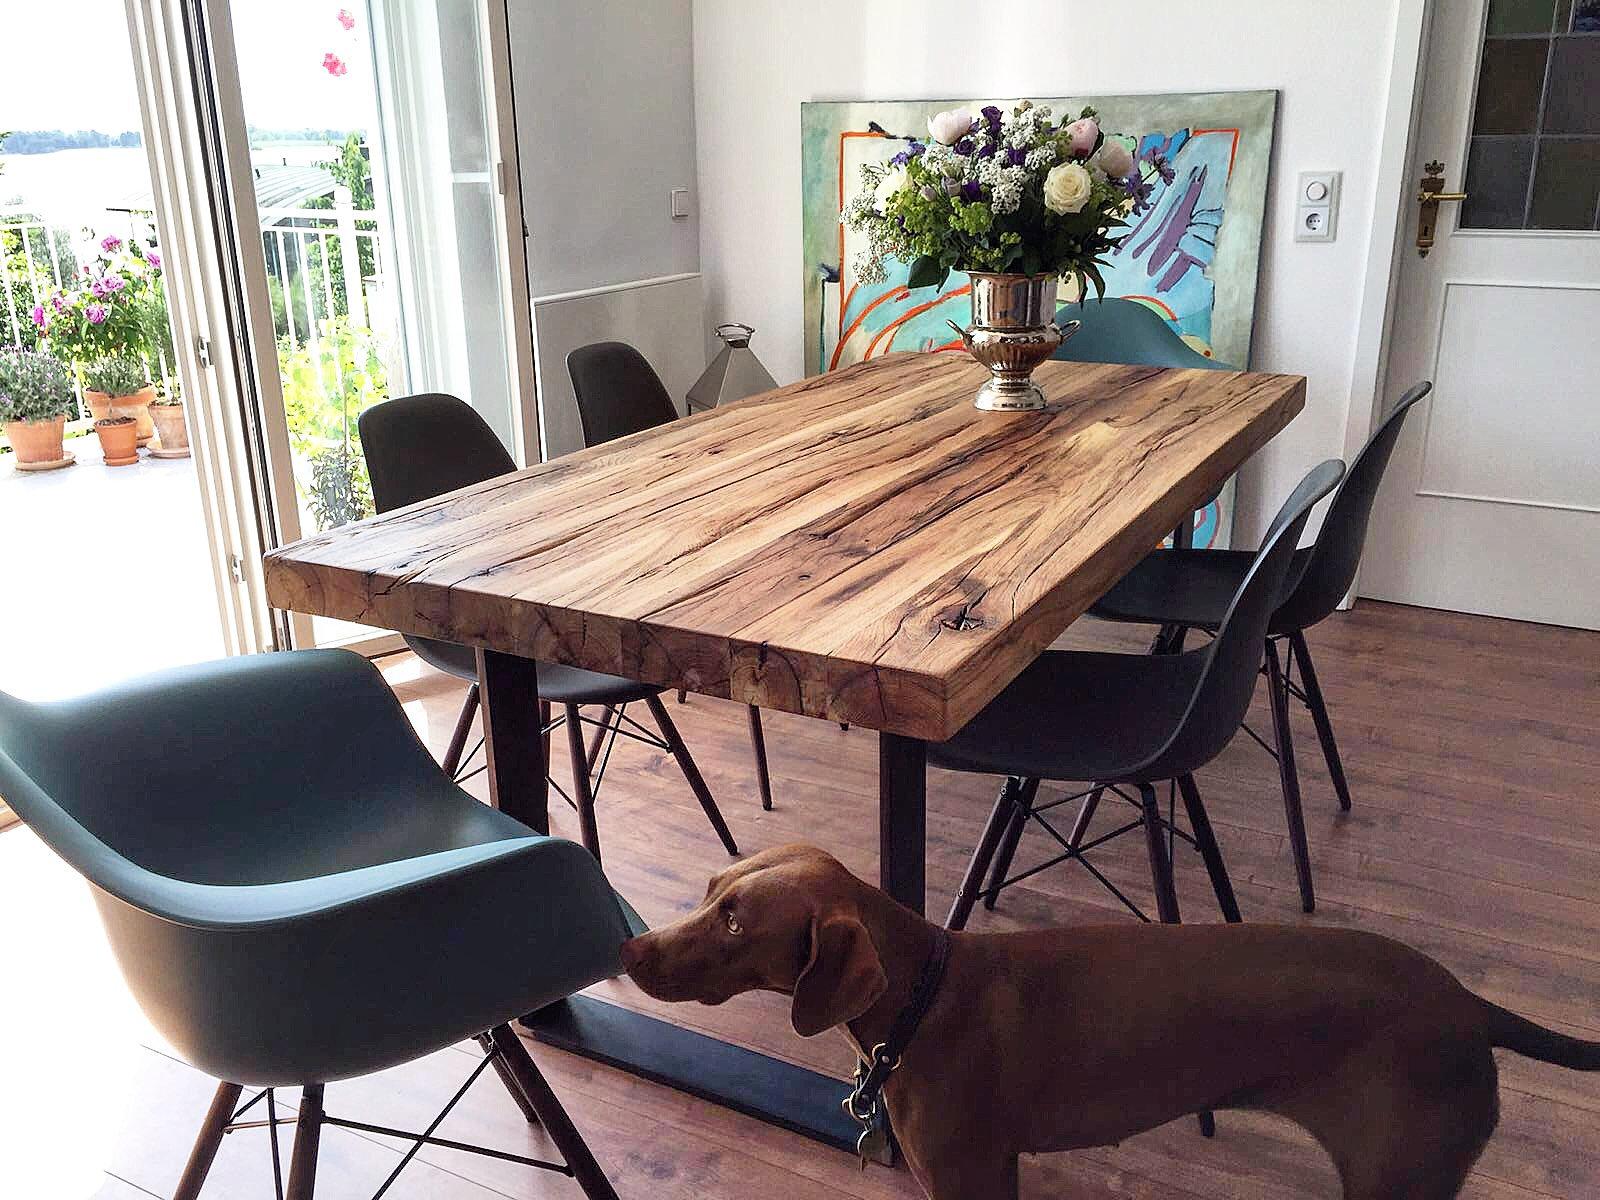 holzwerk hamburg designertische aus massivholz holztisch aus eihenholz altholz. Black Bedroom Furniture Sets. Home Design Ideas